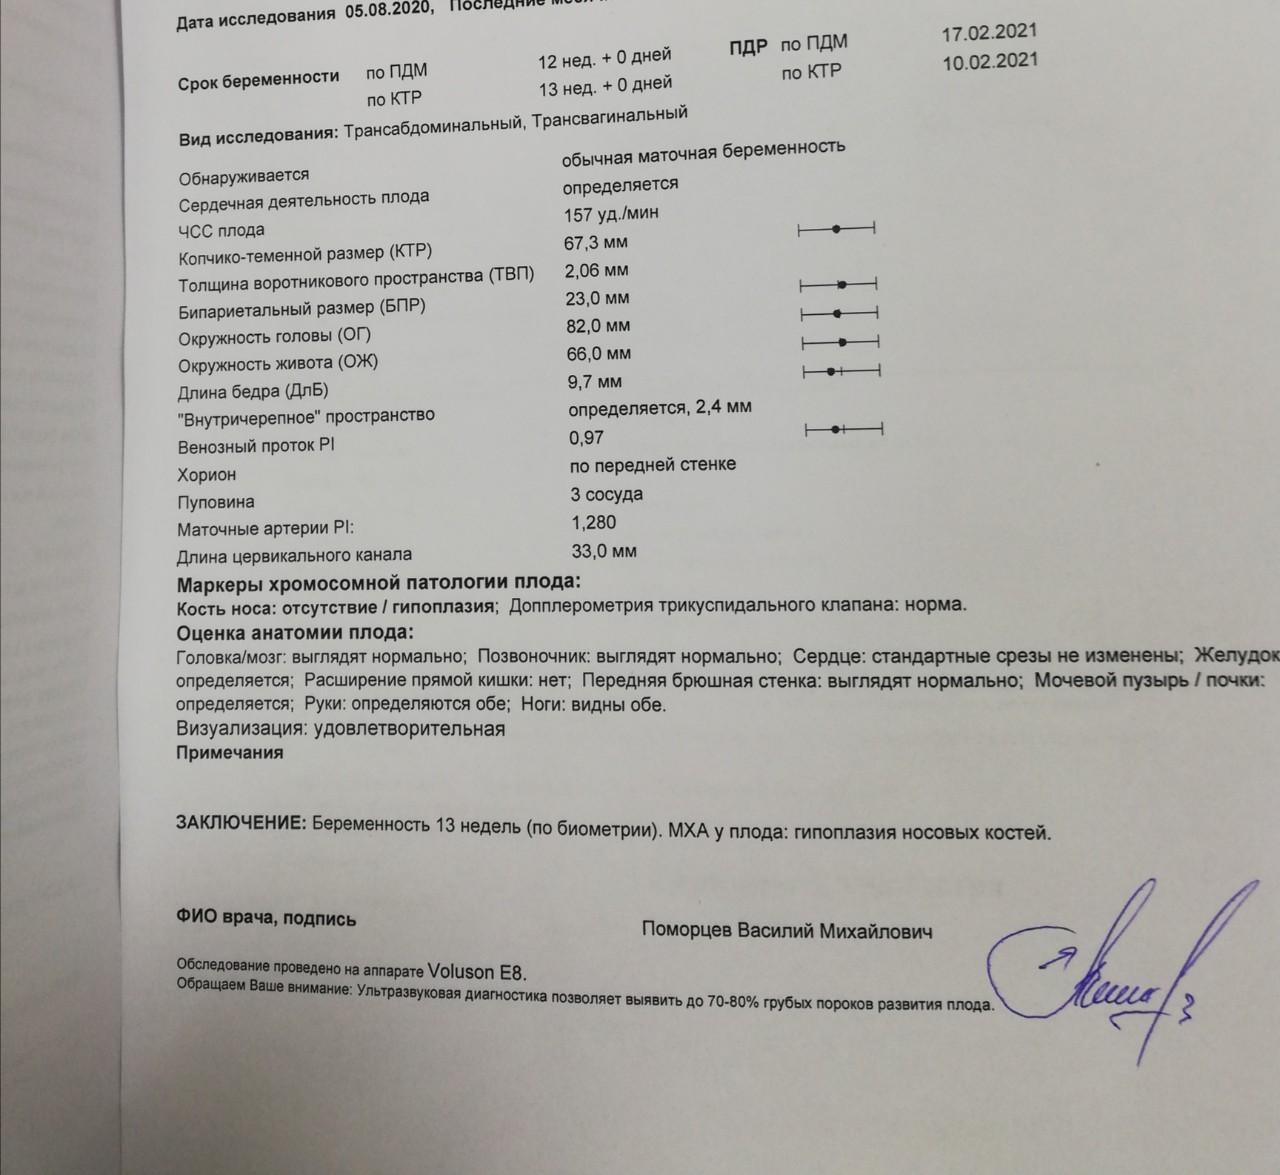 Таблица норм твп плода по неделям (с пояснениями) - семейная клиника опора г. екатеринбург